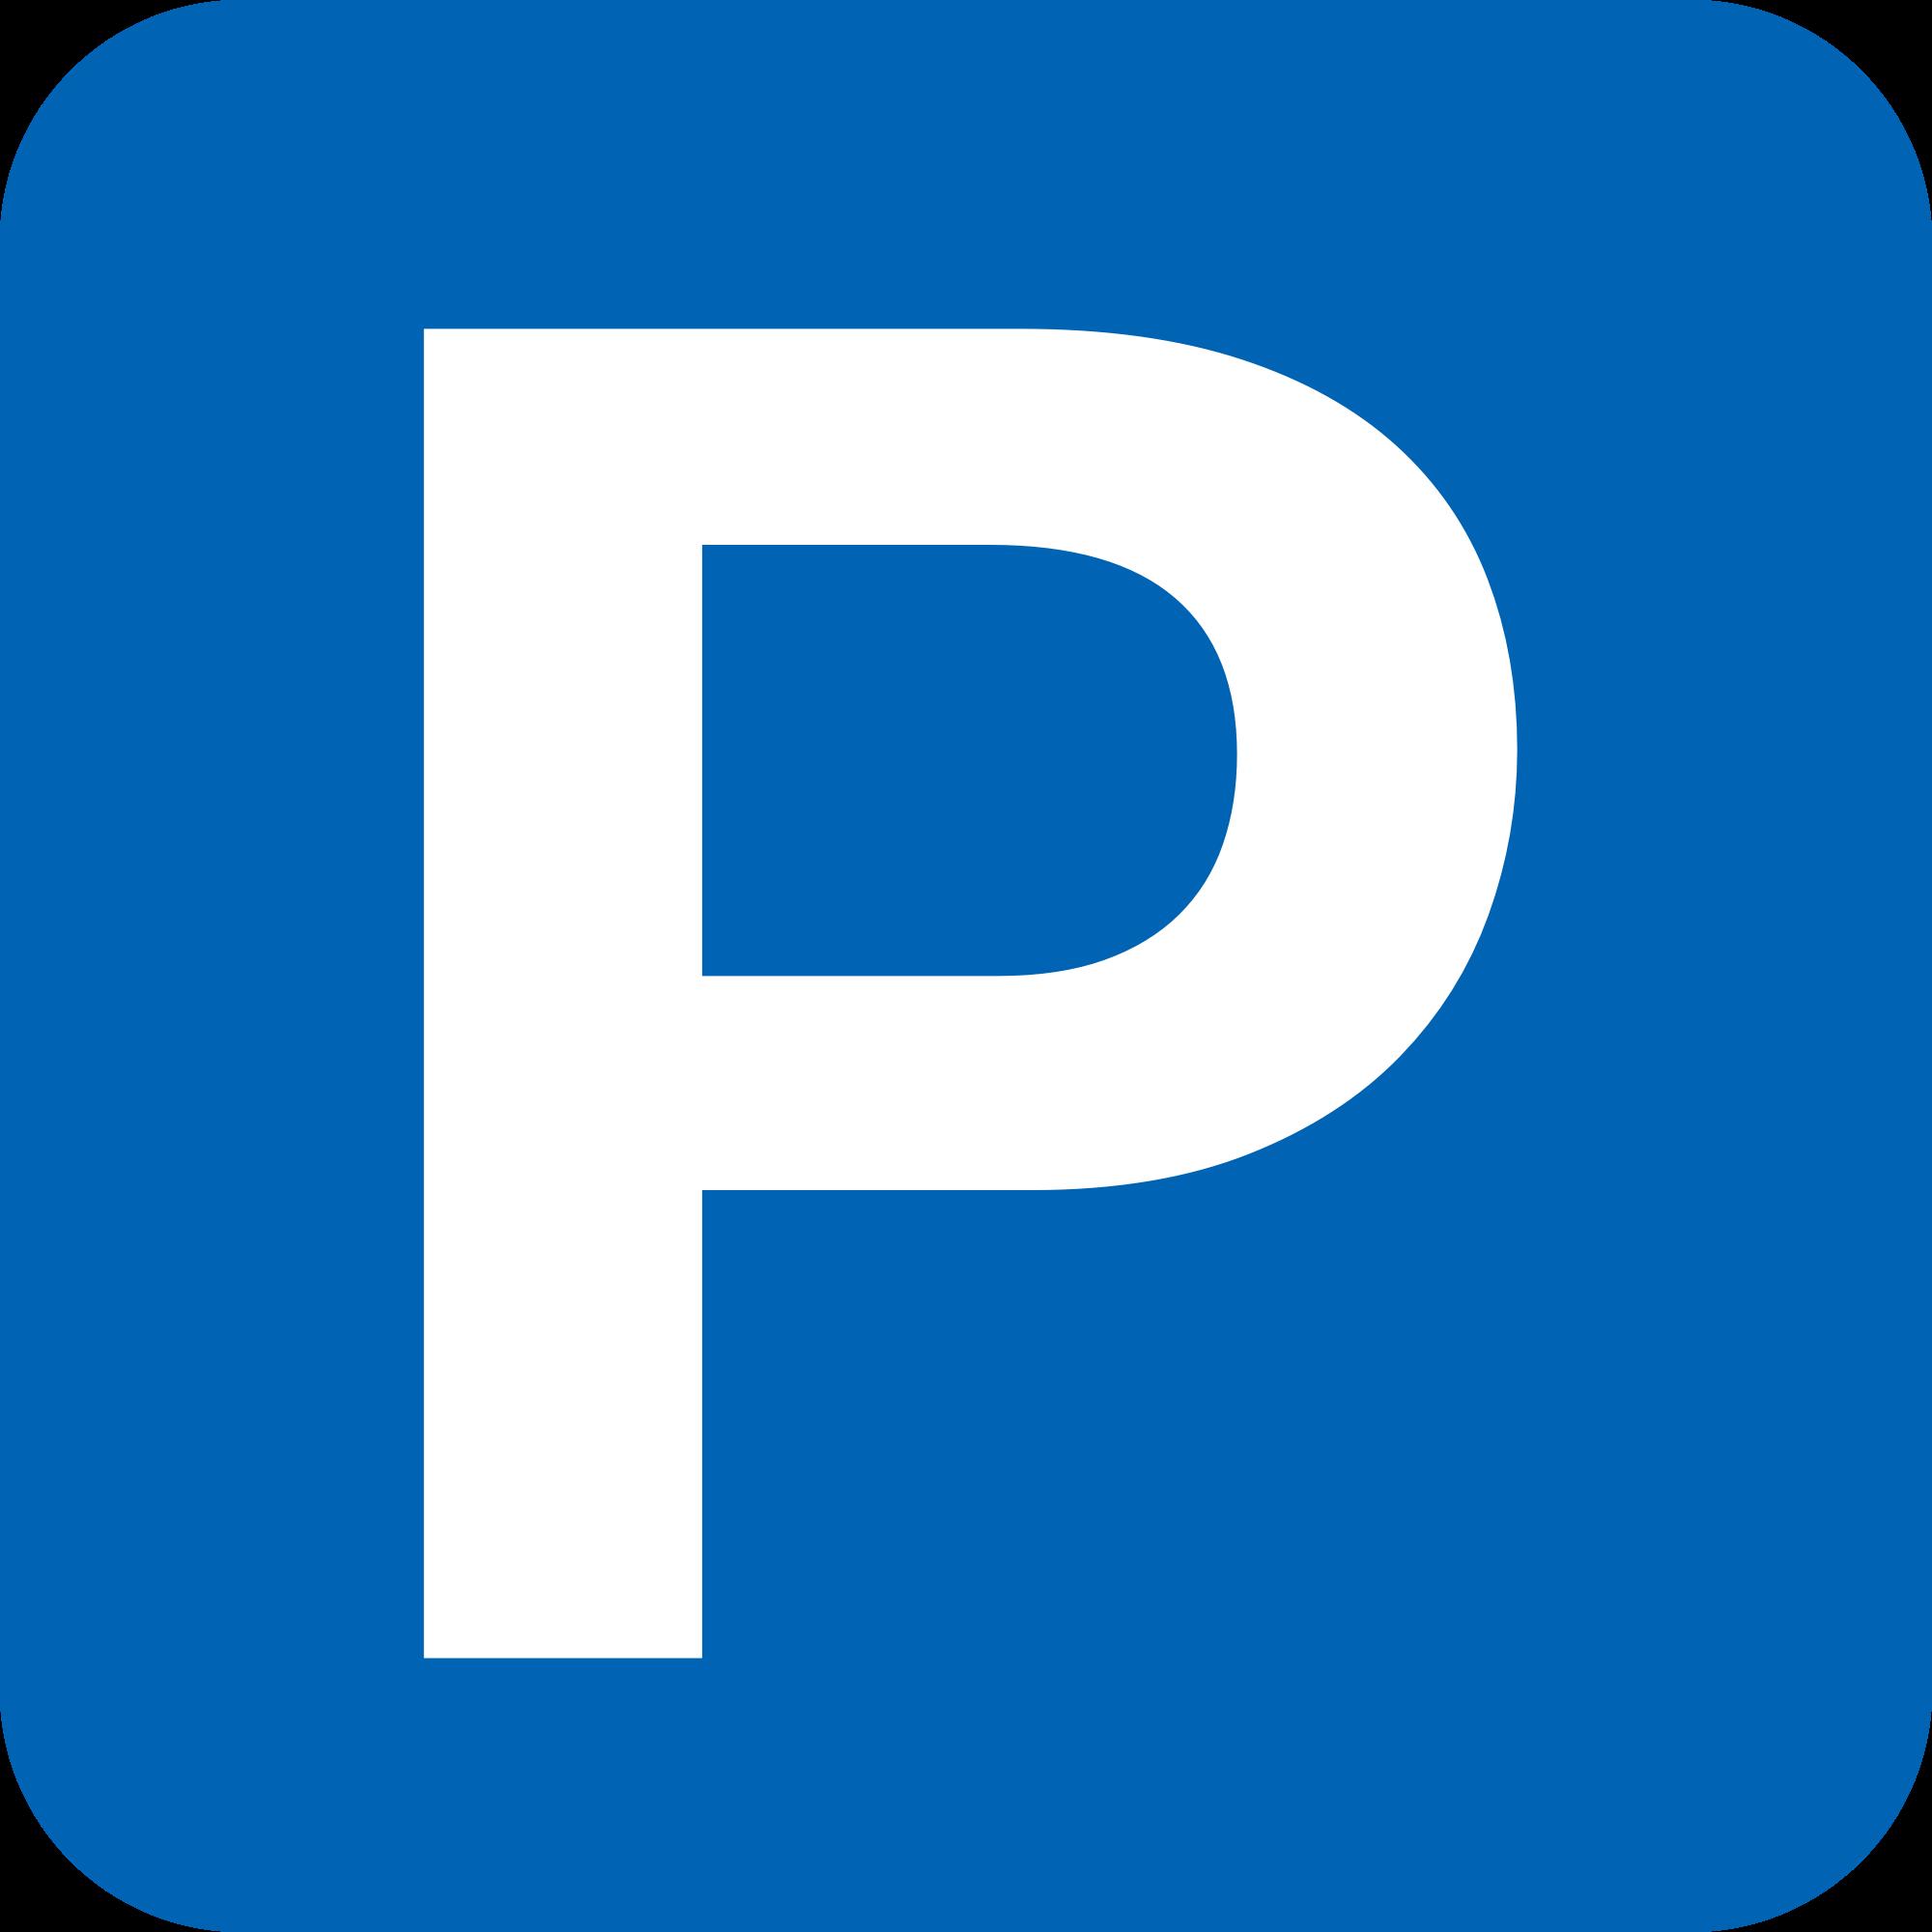 """Résultat de recherche d'images pour """"Parking logo"""""""